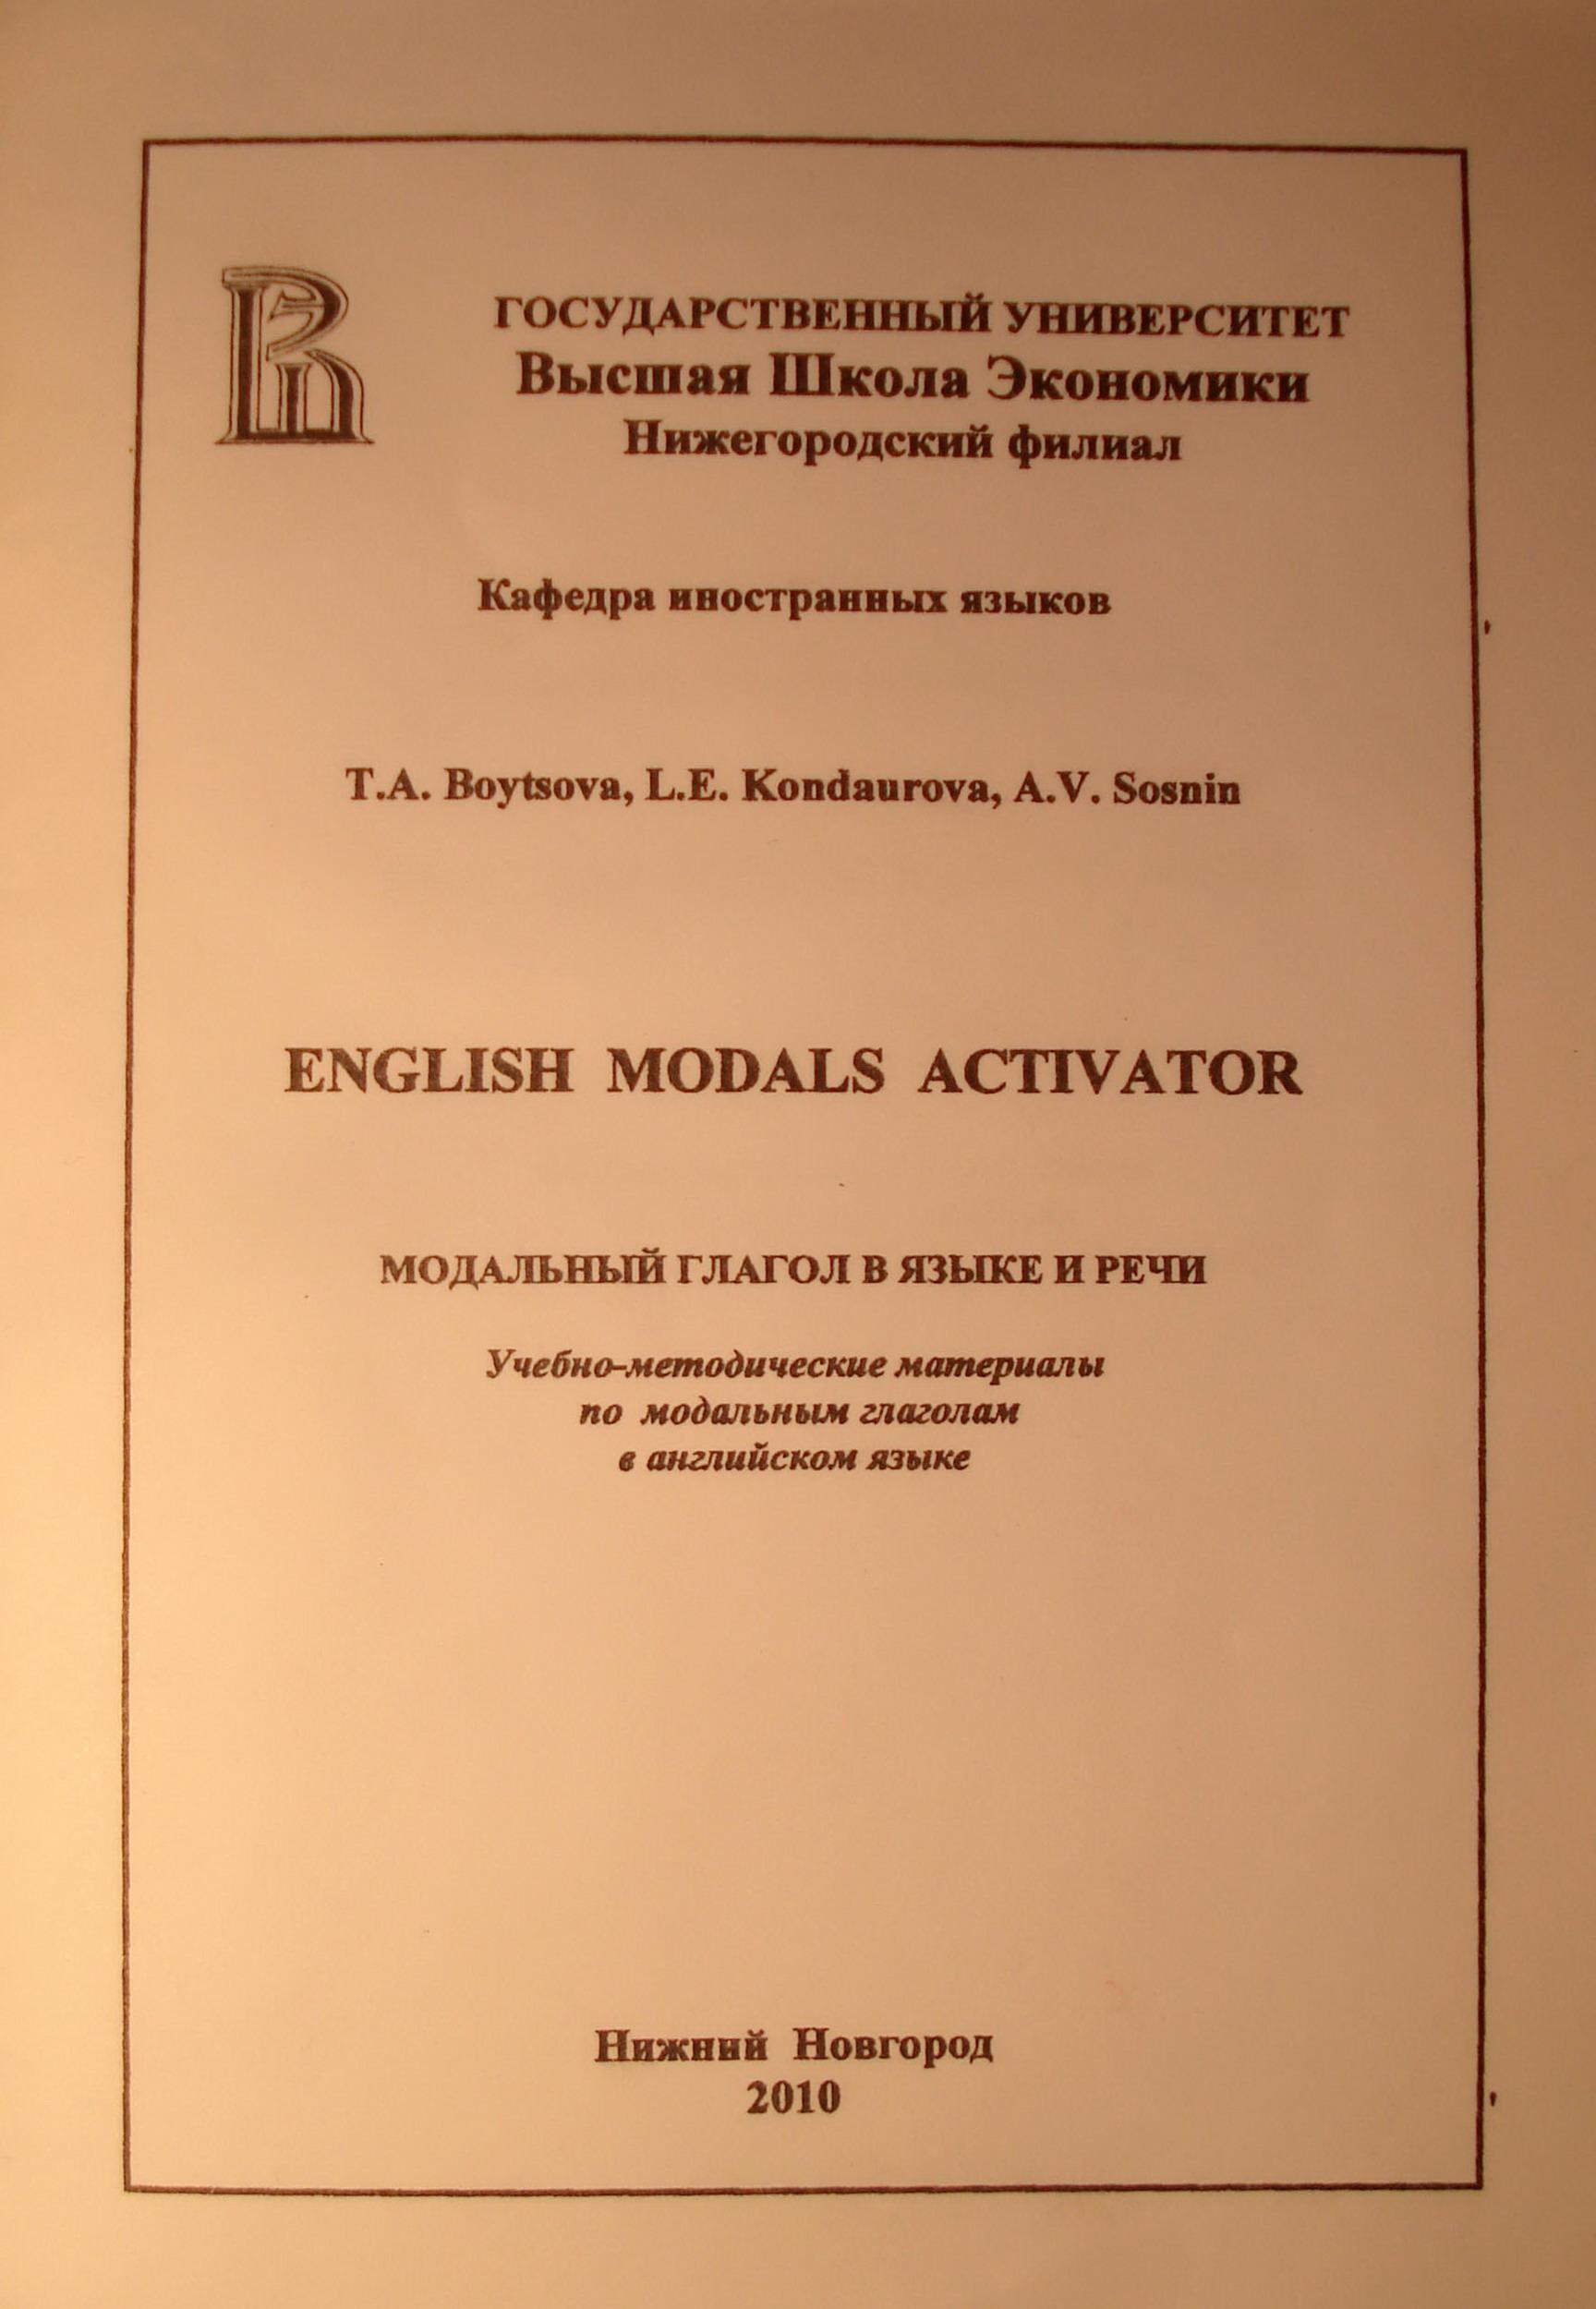 English Modals Activator ( Модальный глагол в языке и речи)